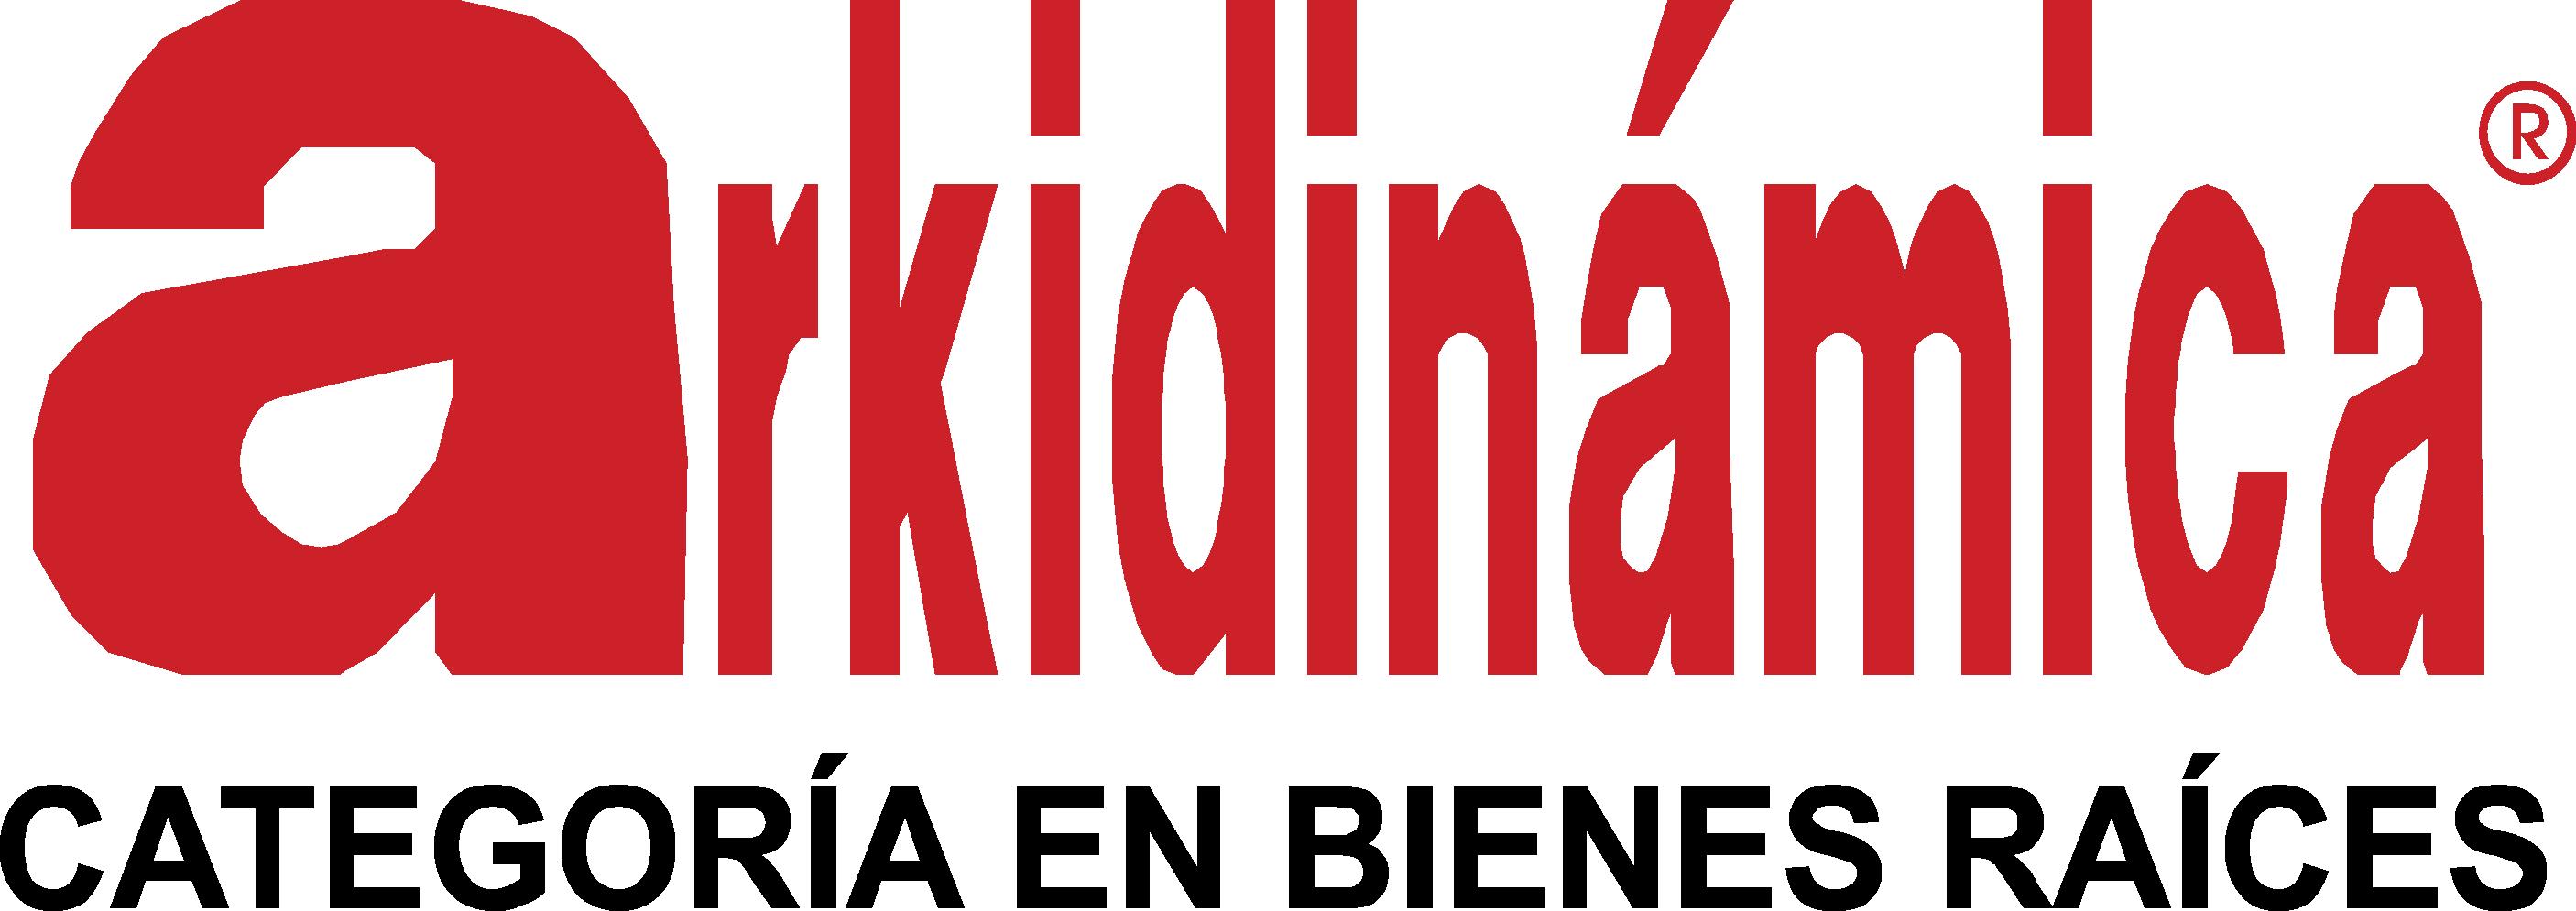 ArkidinamicaSinFondo-01.png